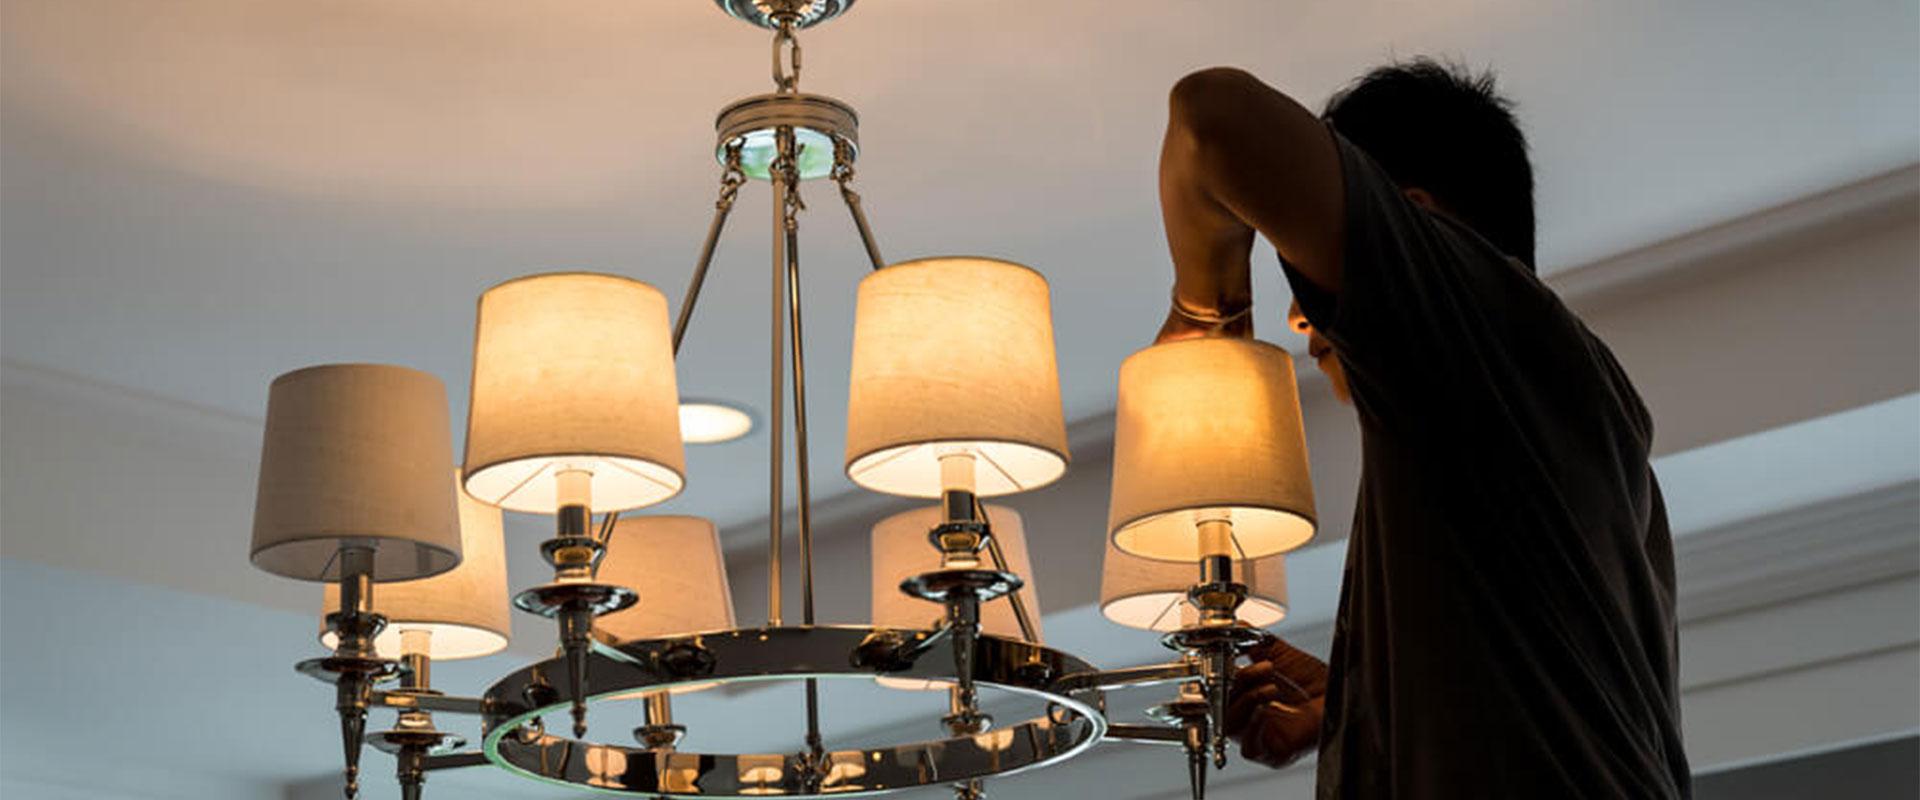 chandelier-installation